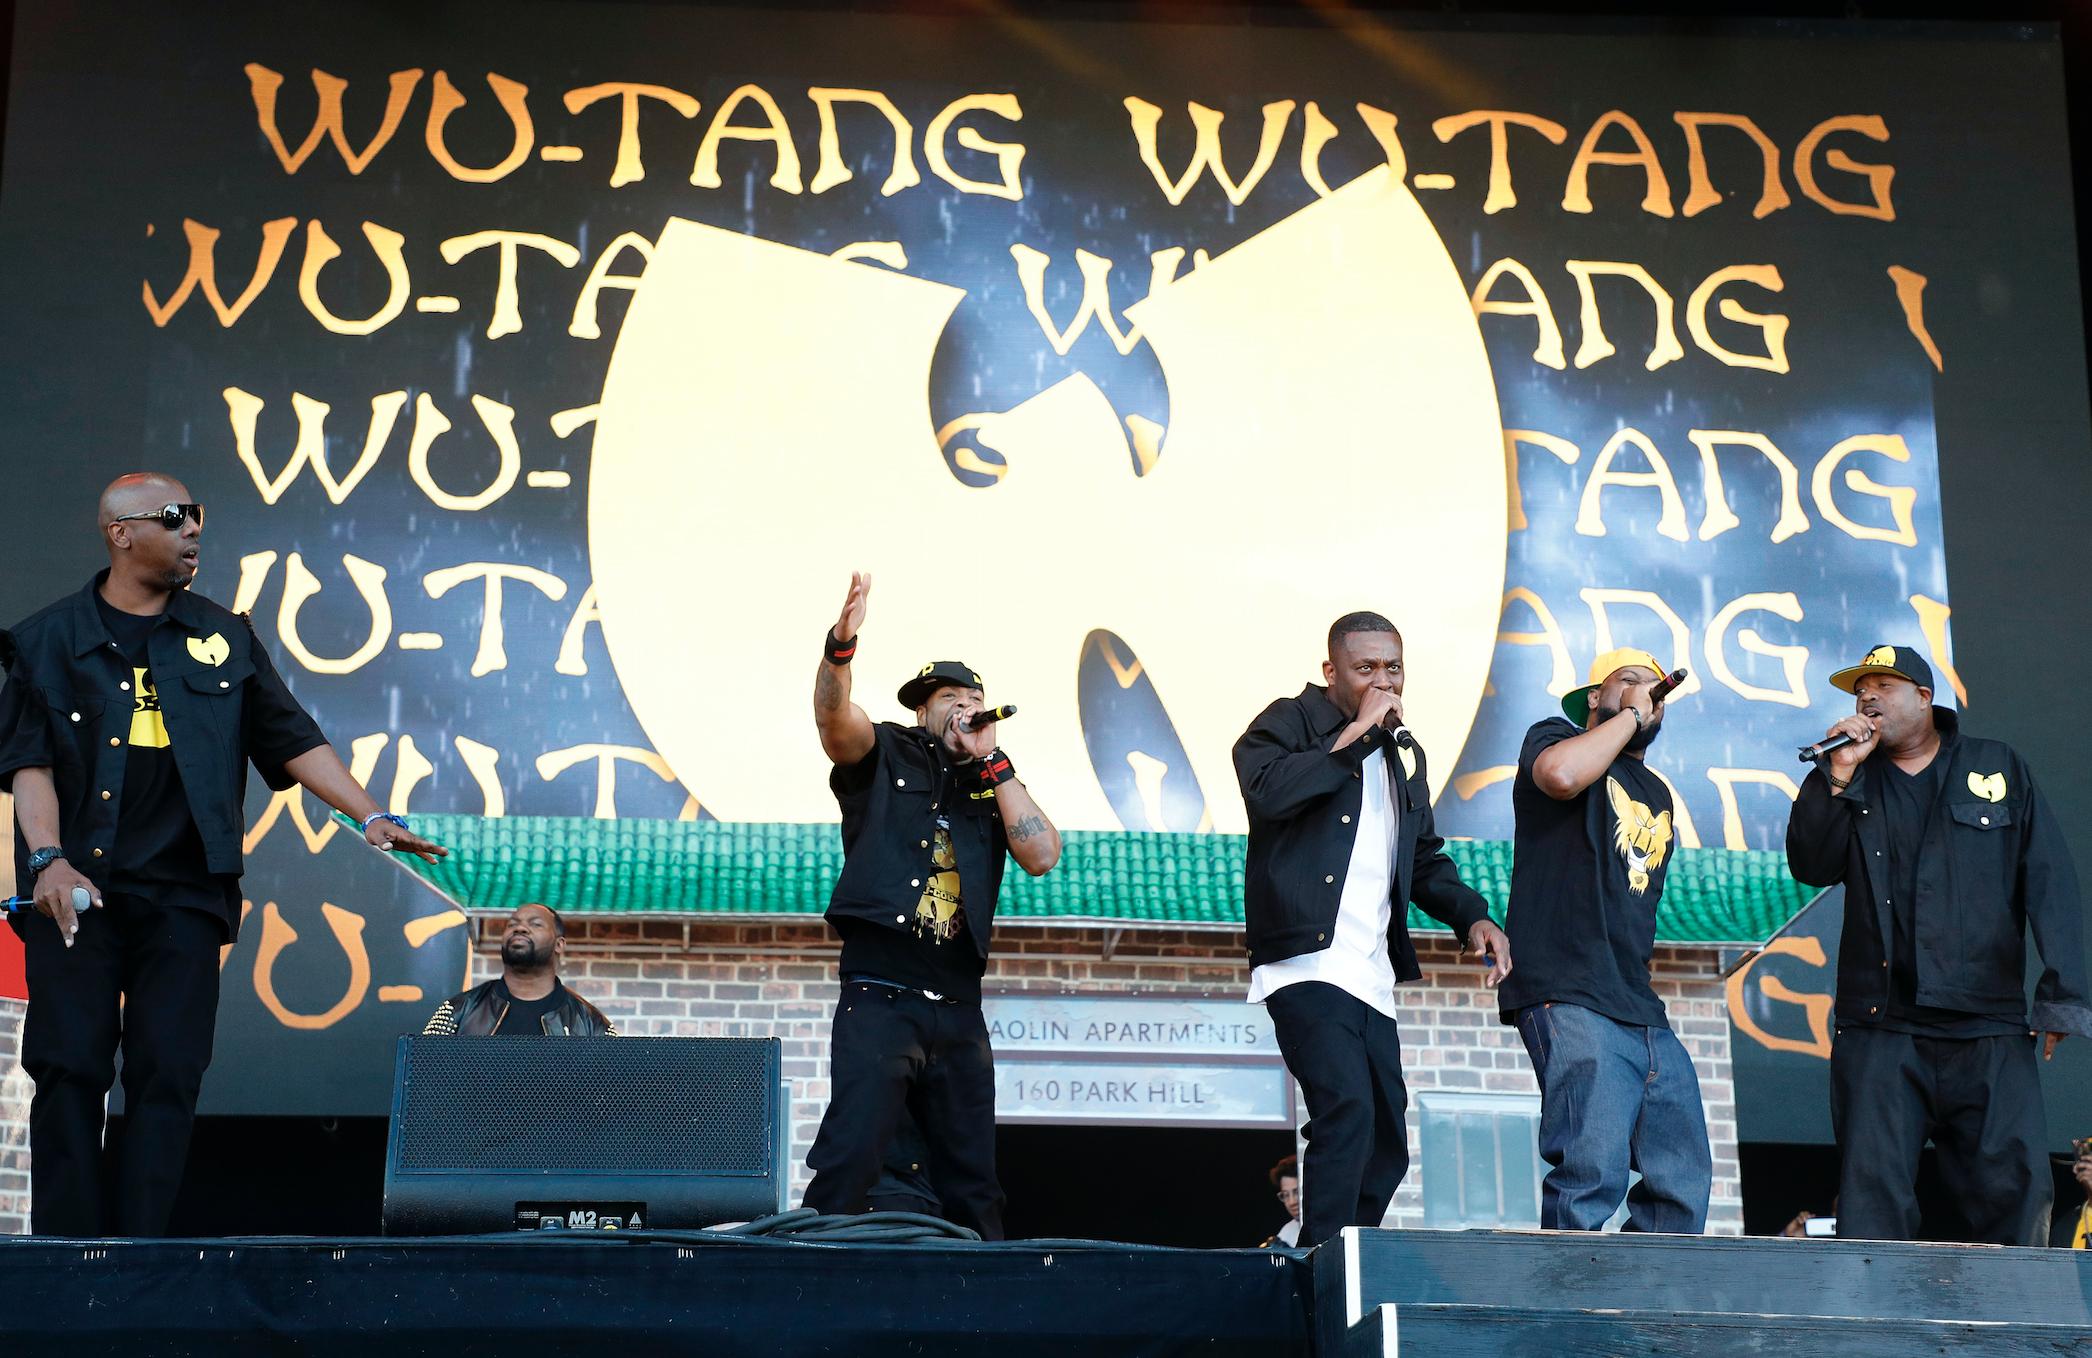 """Wu Tang Clan Returns with """"Wu Tang: The Saga Continues"""""""